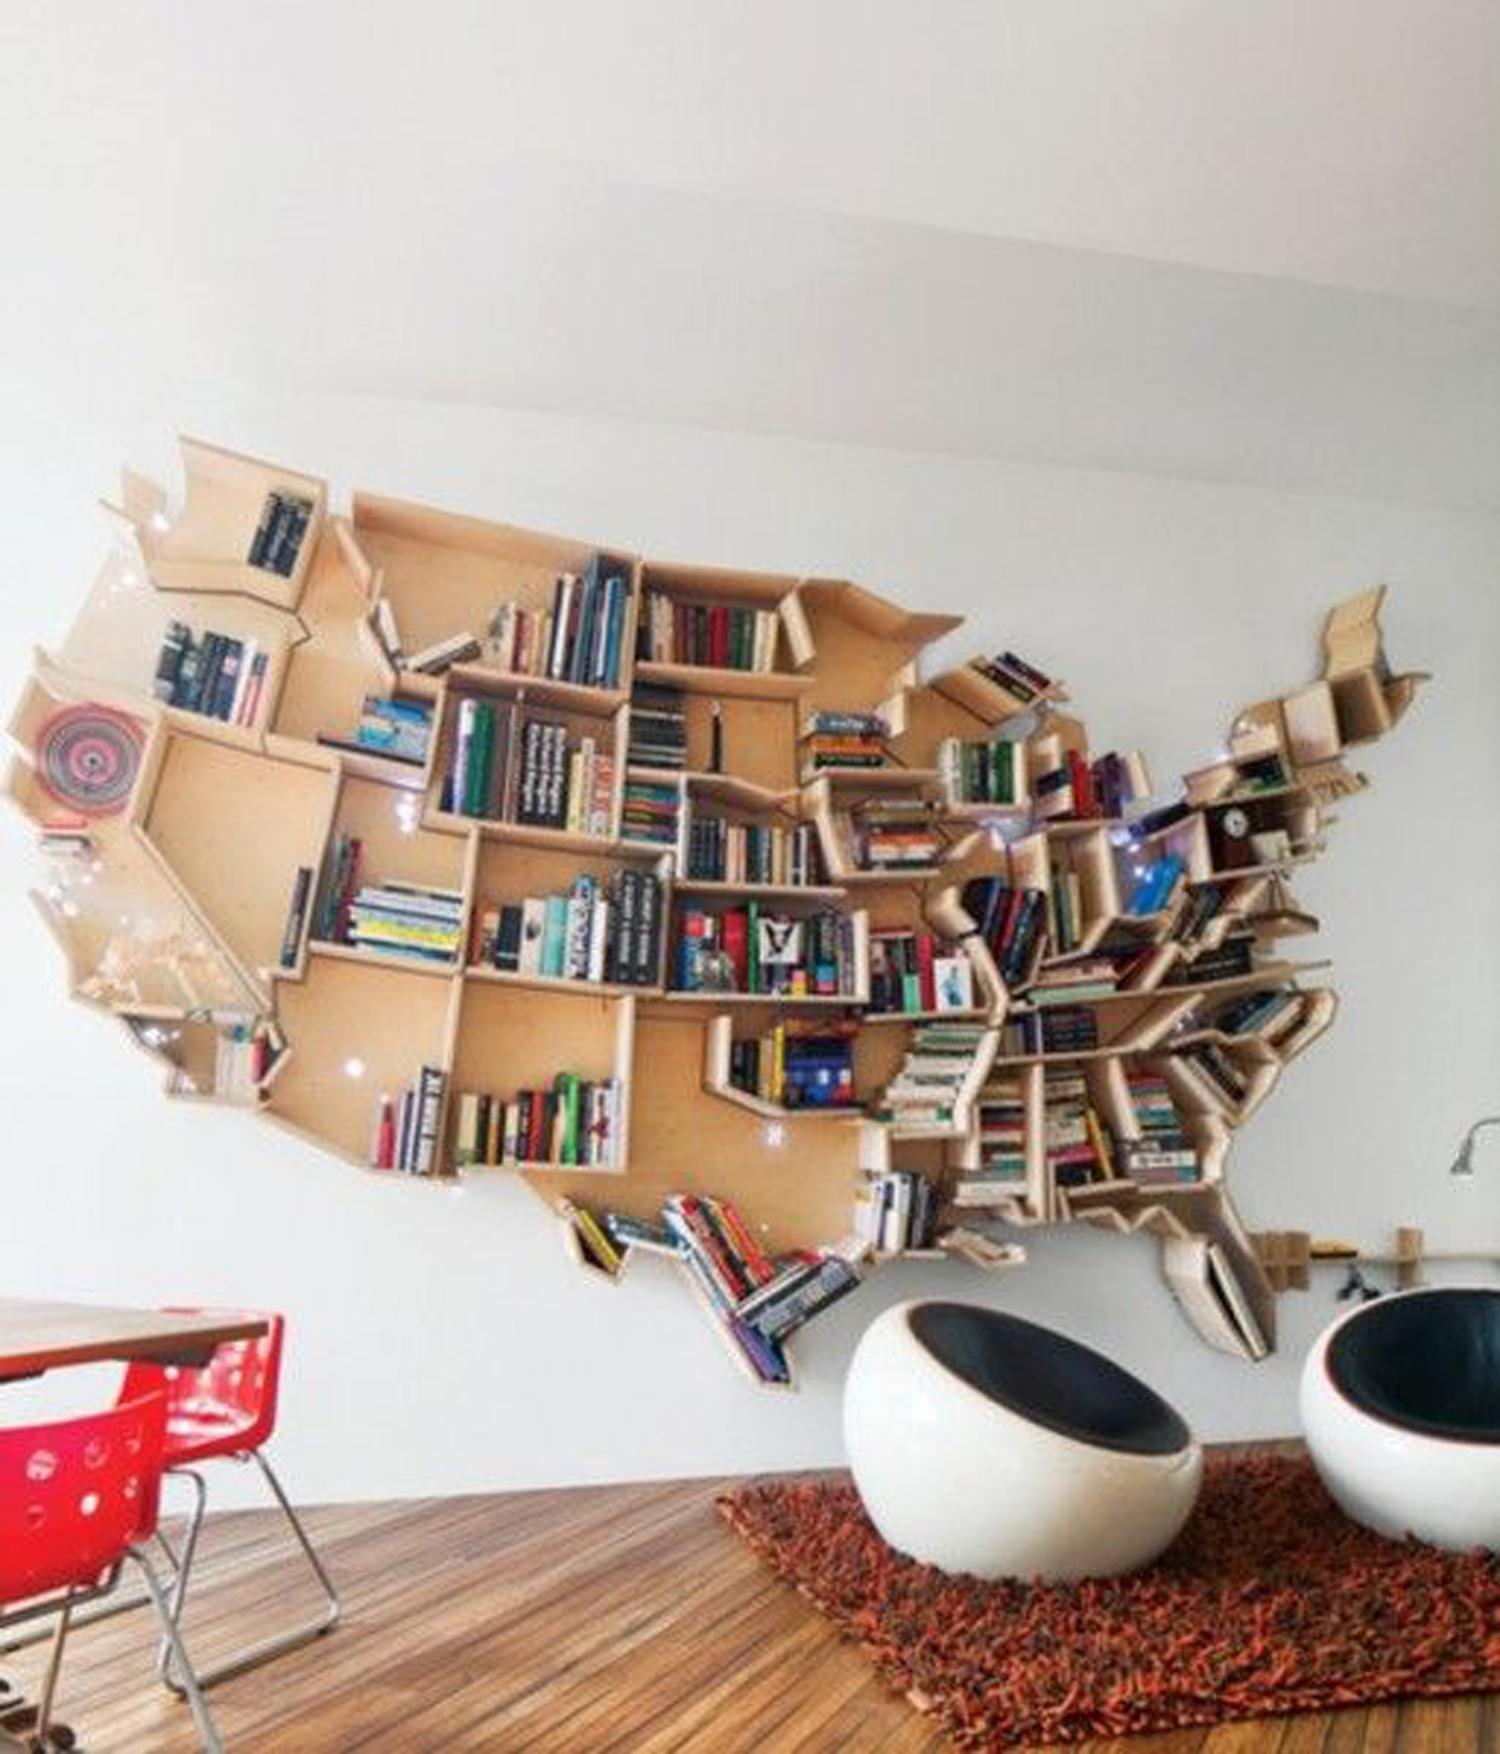 Η βιβλιοθήκη που ξέρει από γεωγραφία